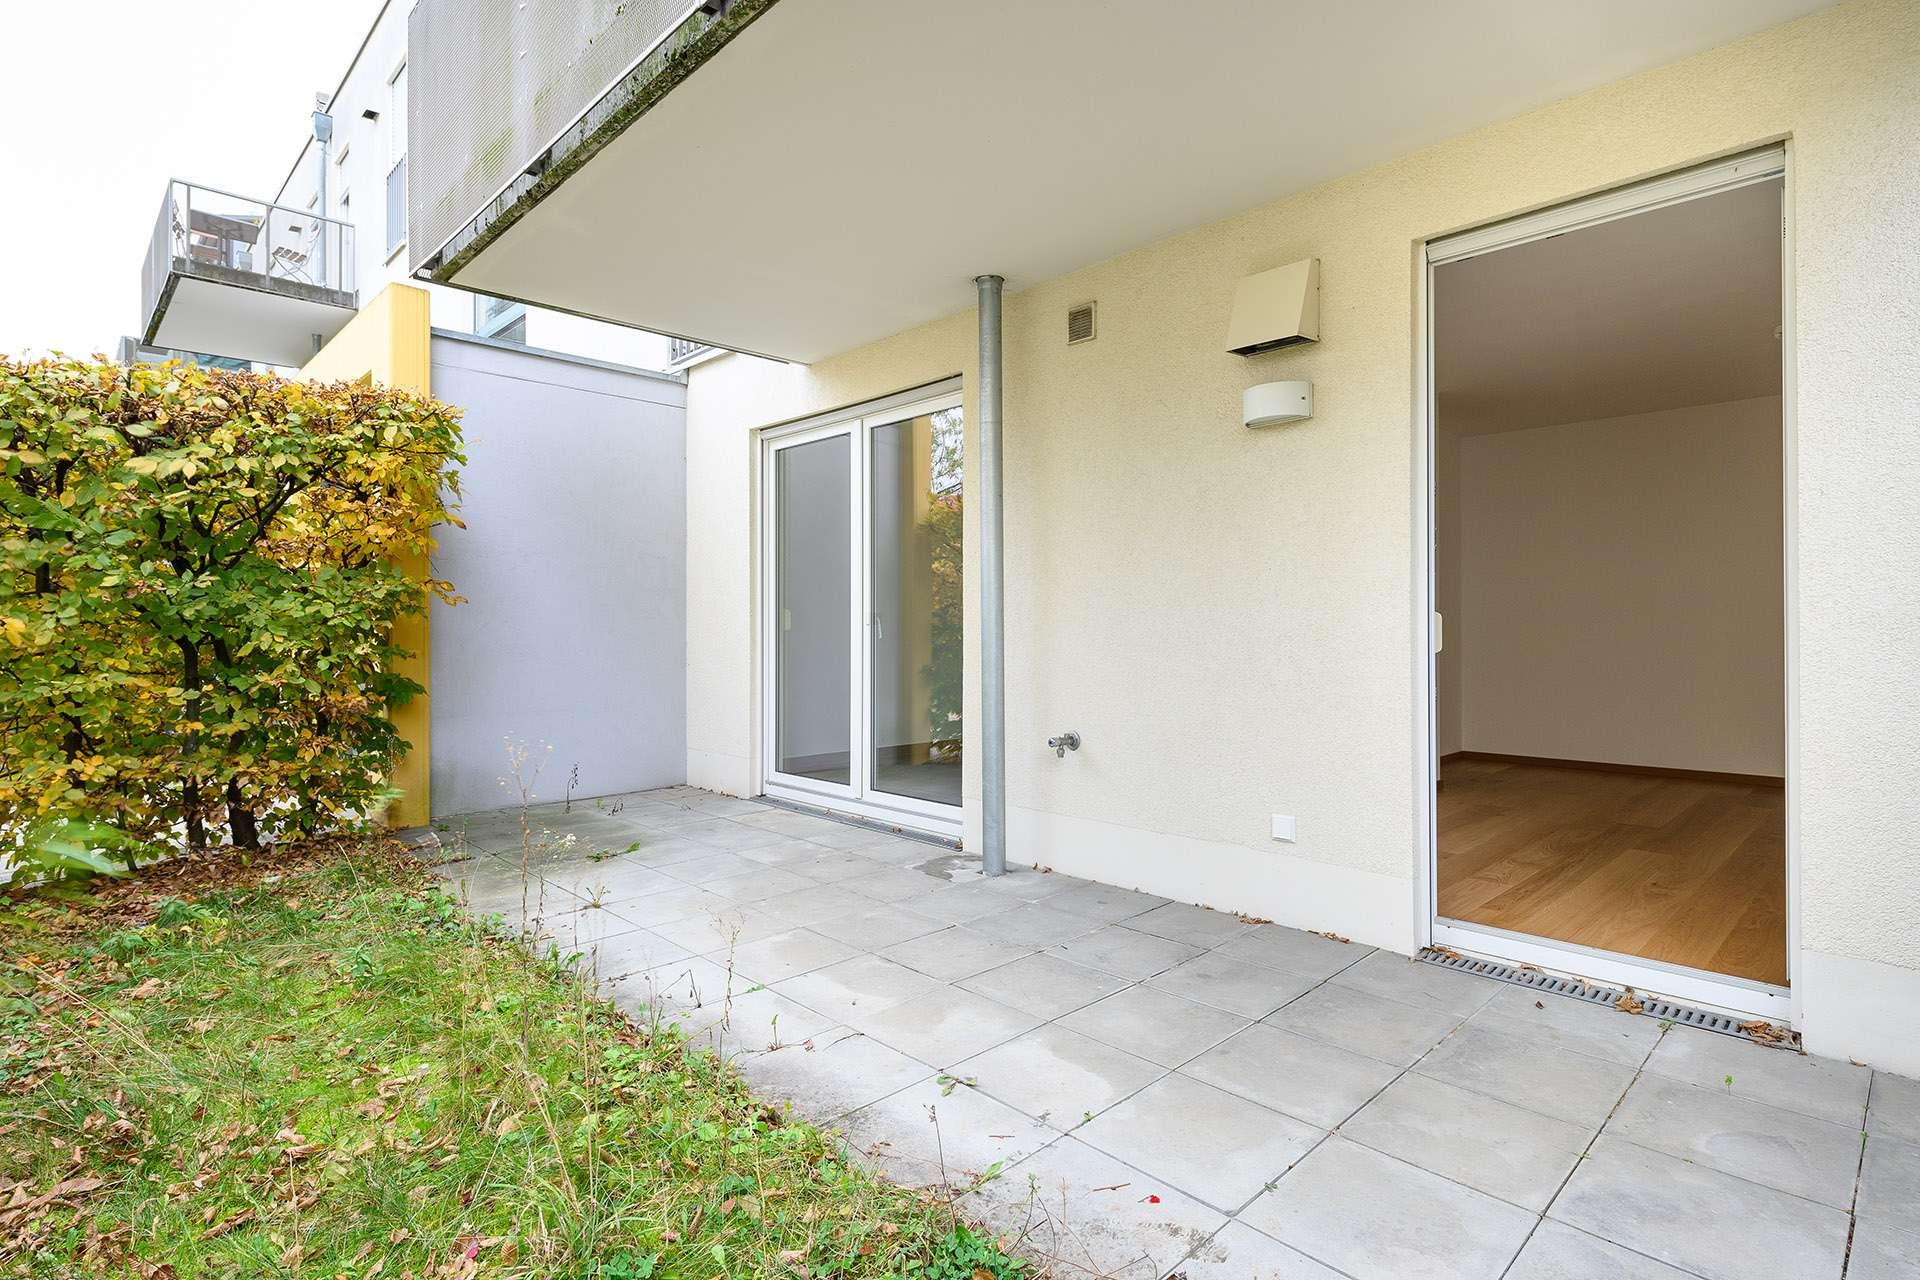 2-Zimmer-EG-Wohnung mit sehr schöner Terrasse in Neubiberg in Neubiberg